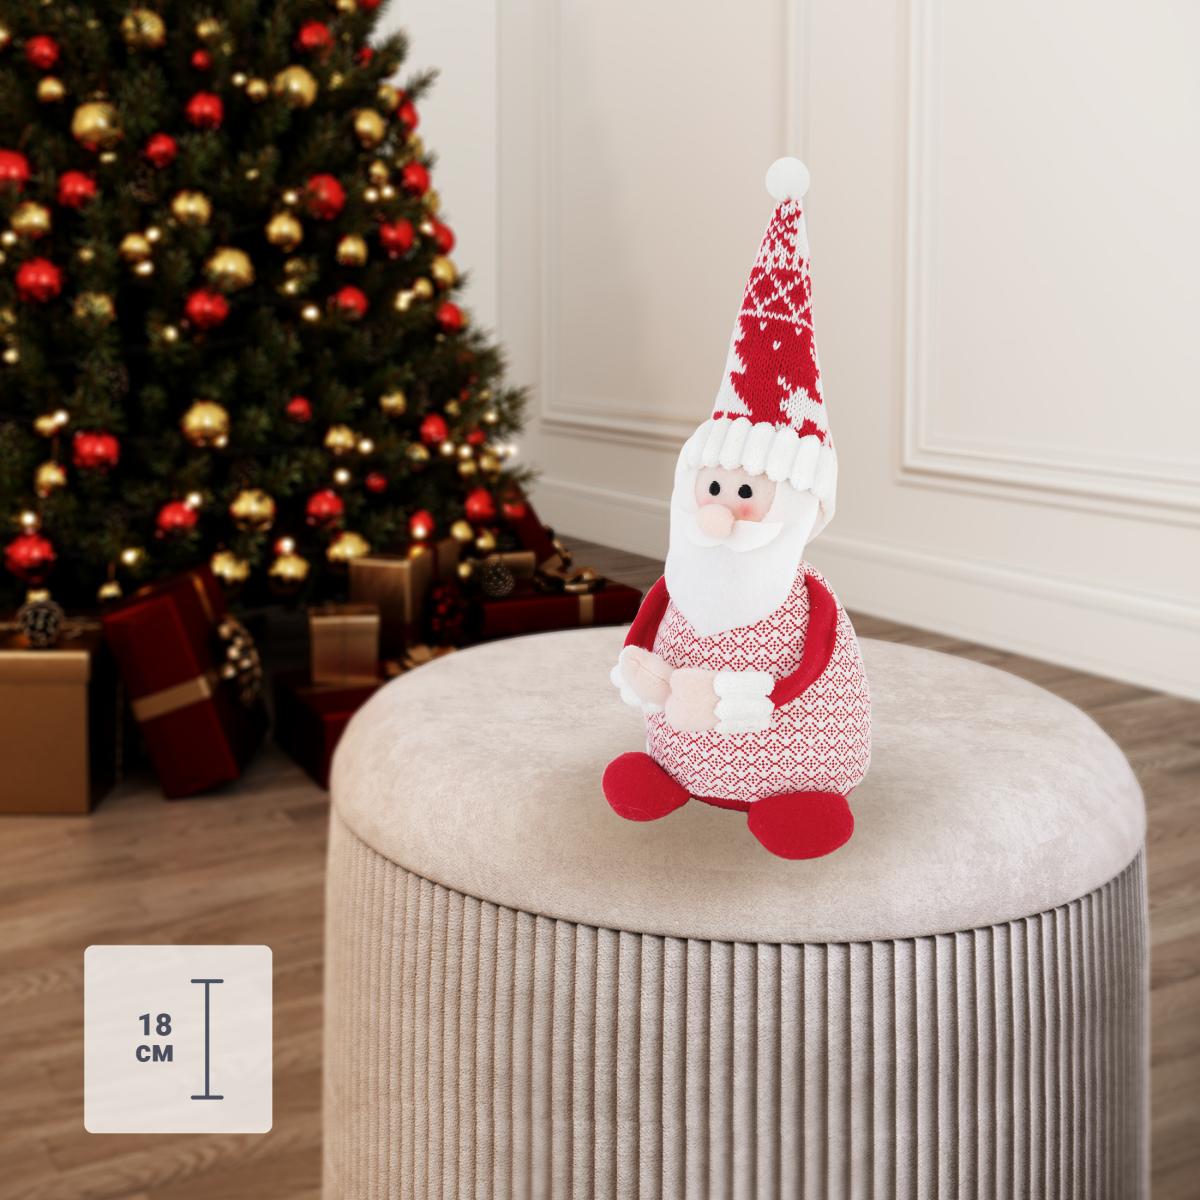 Игрушка мягкая «Санта» 18 см